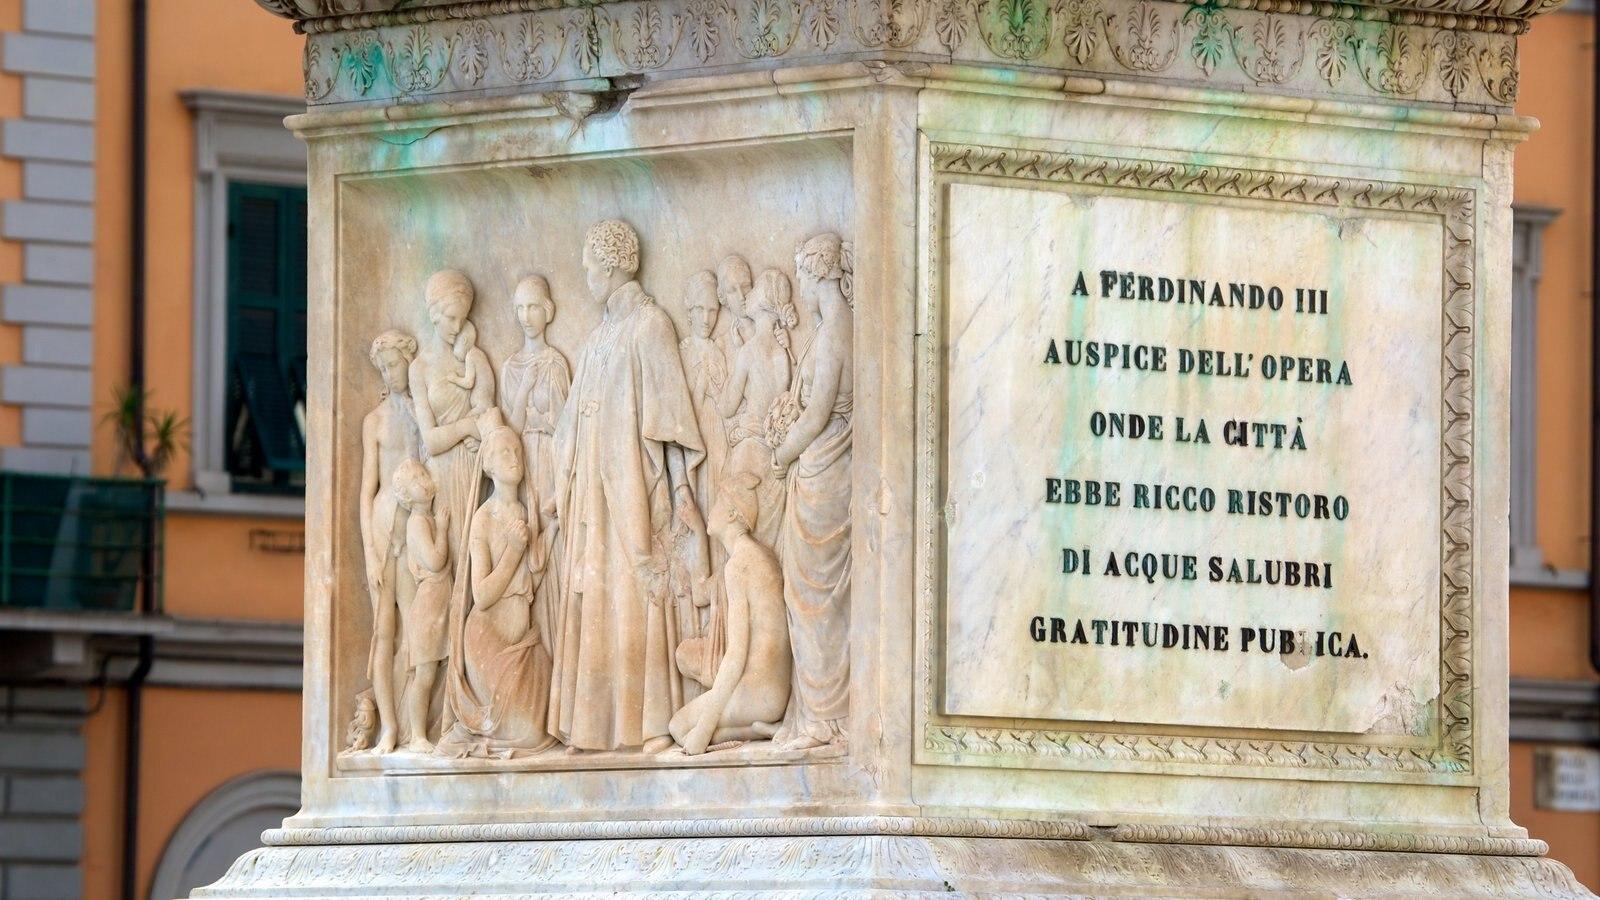 Piazza della Repubblica featuring signage, a monument and art